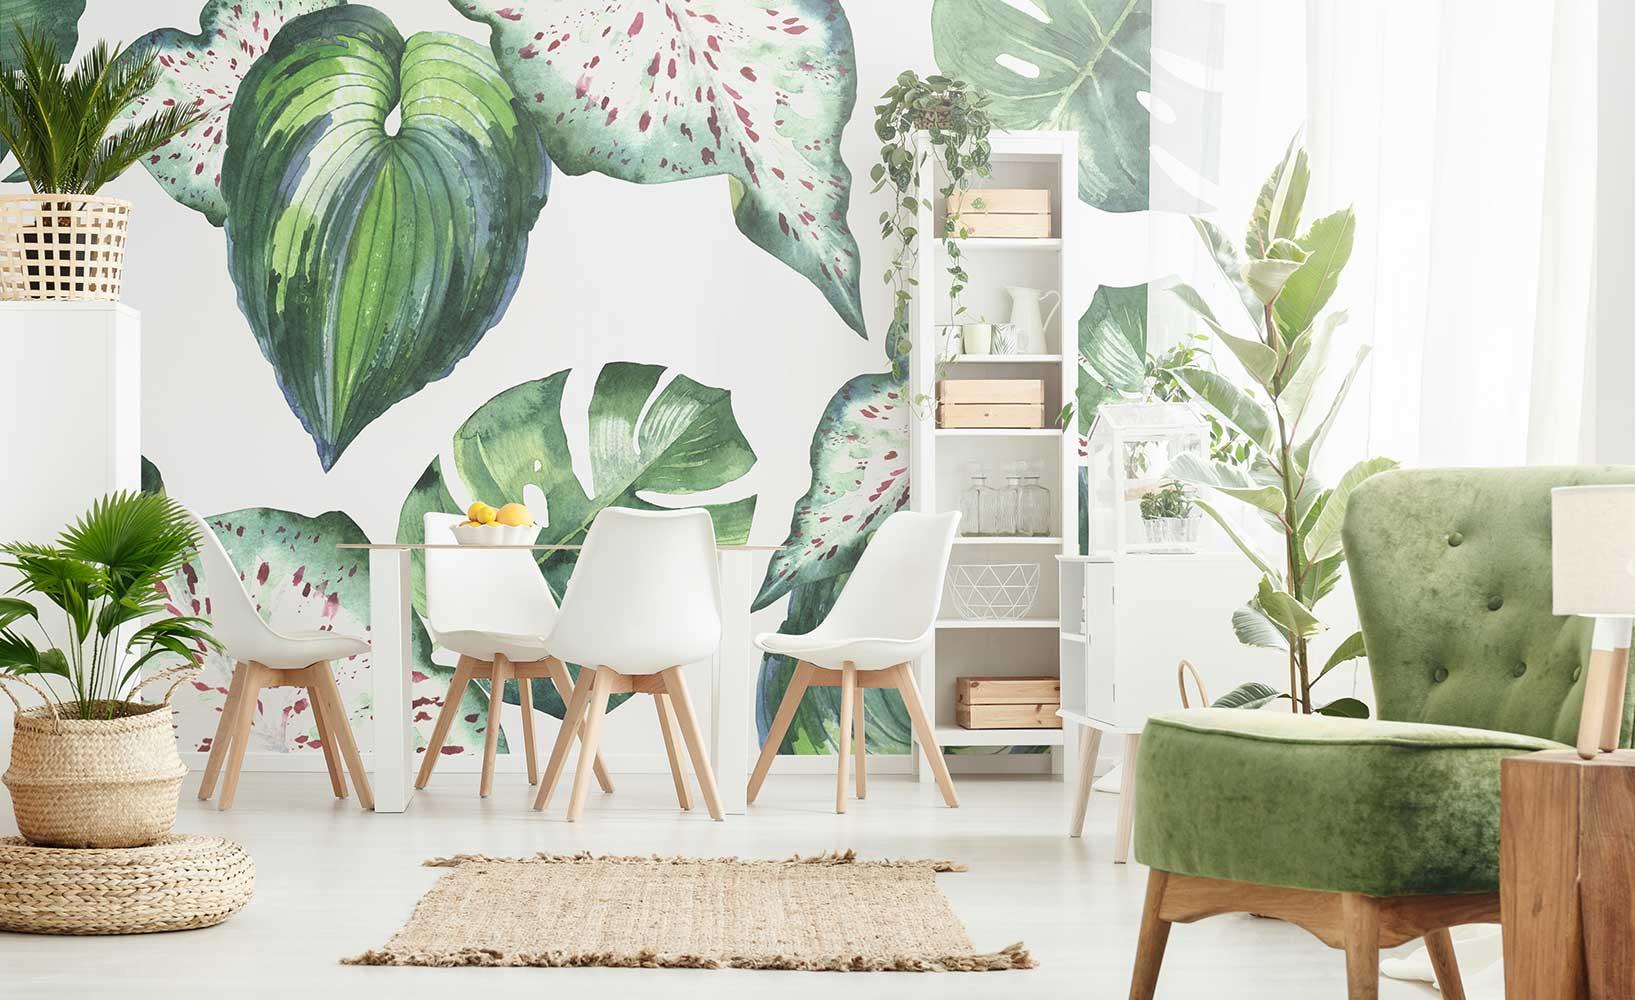 Zimmerpflanzen - nützlich oder pflegeleicht